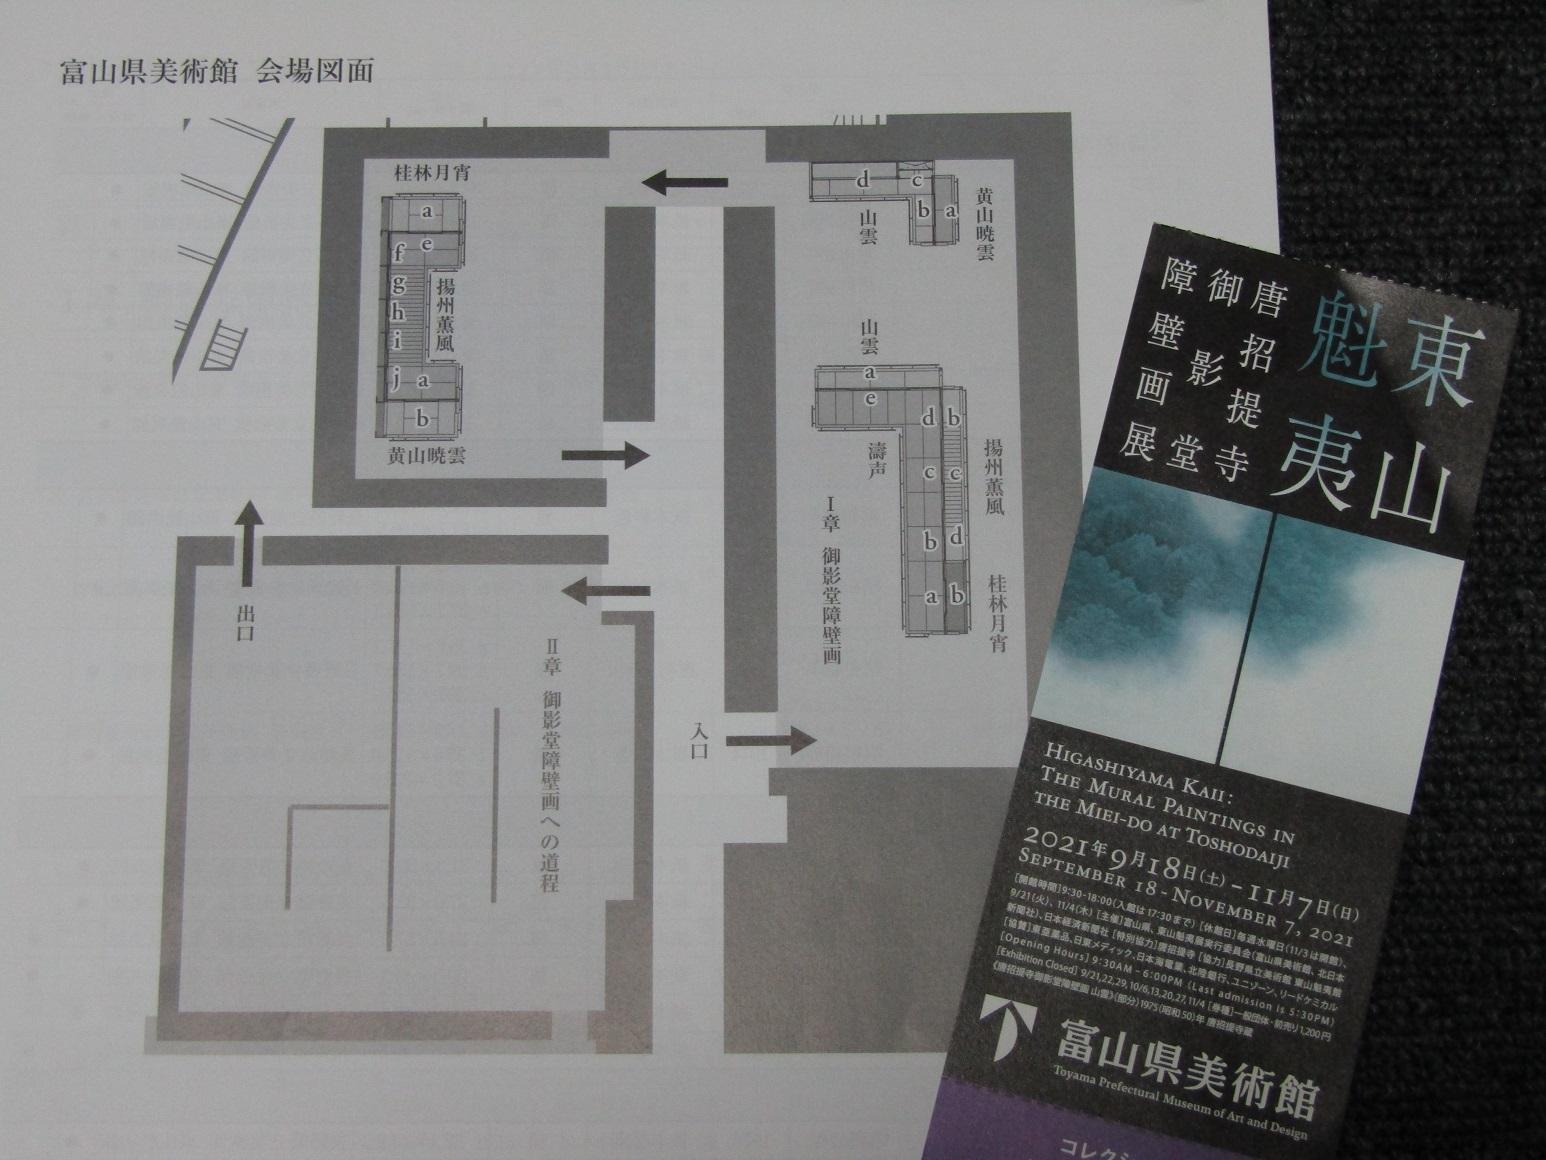 唐招提寺御影堂障壁画展  at  富山県美術館_f0281398_16500677.jpg